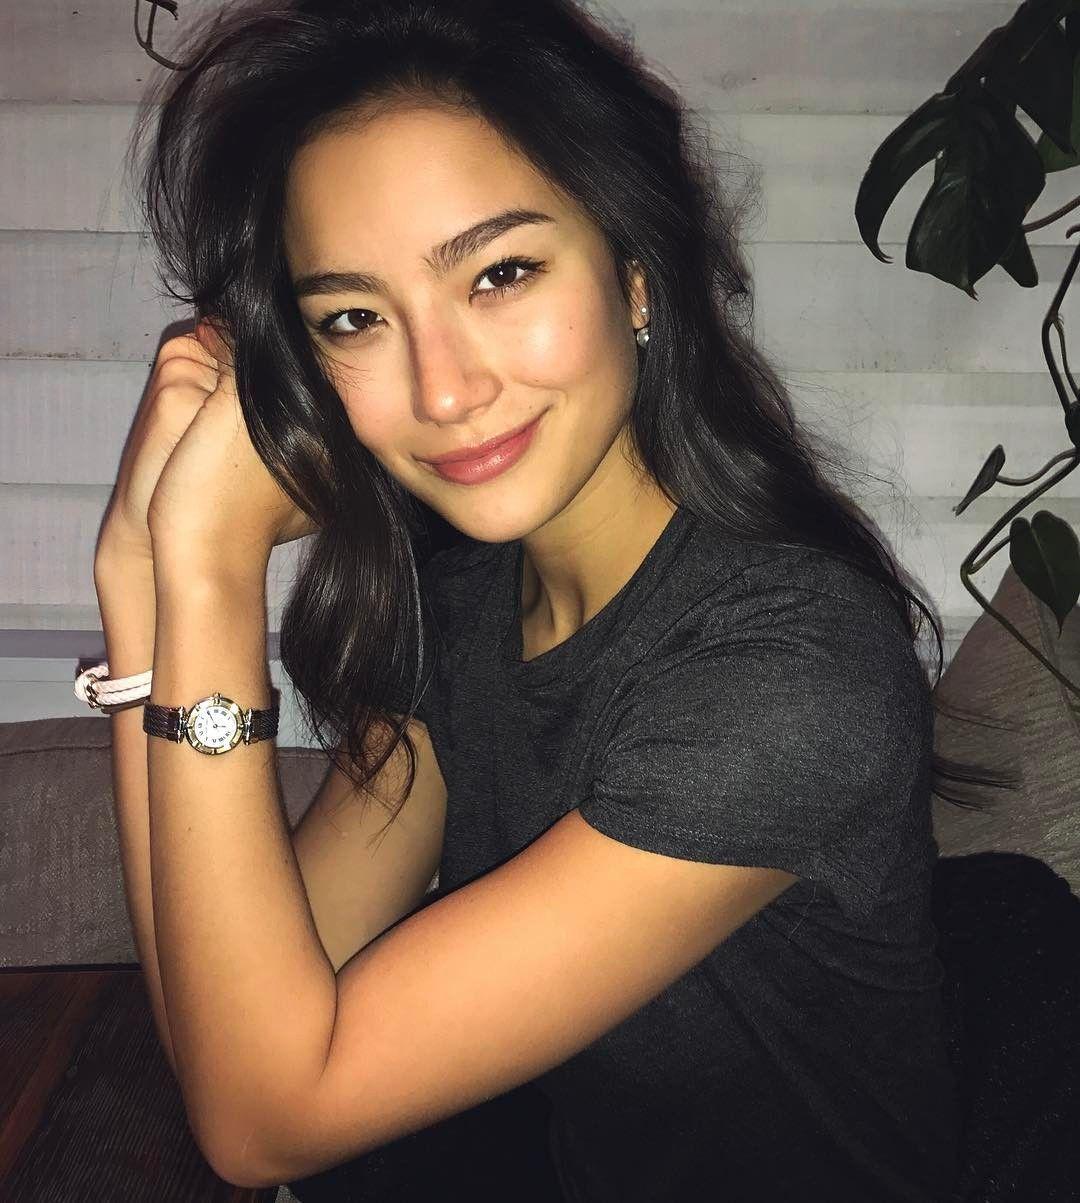 Adeline Rudolph Half Korean Biracial Women Pretty Face